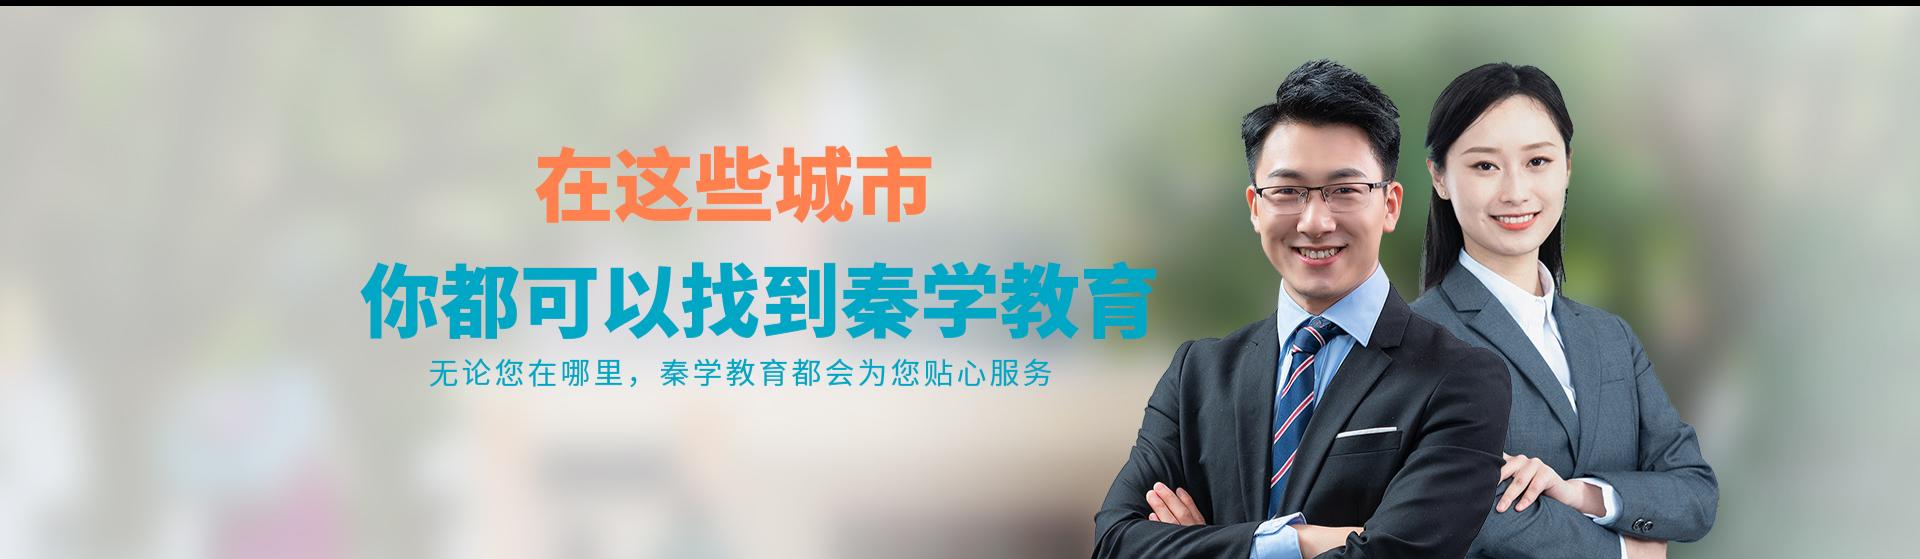 秦学教育浙江杭州校区